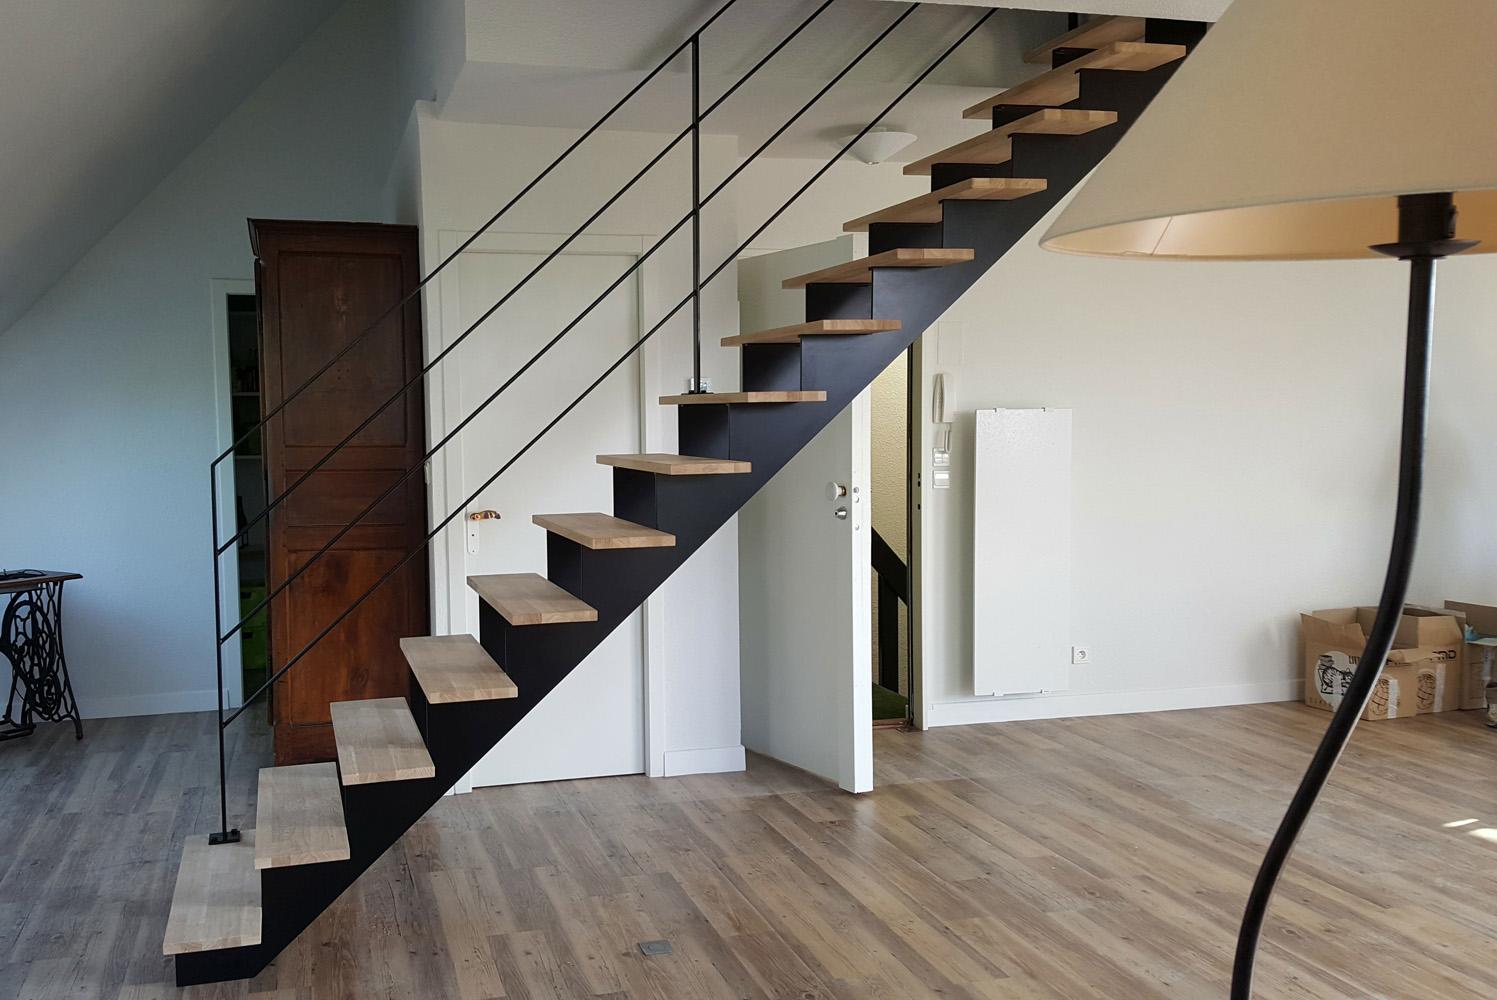 escalier sans limon interesting escalier sans limon with escalier sans limon lescalier en. Black Bedroom Furniture Sets. Home Design Ideas